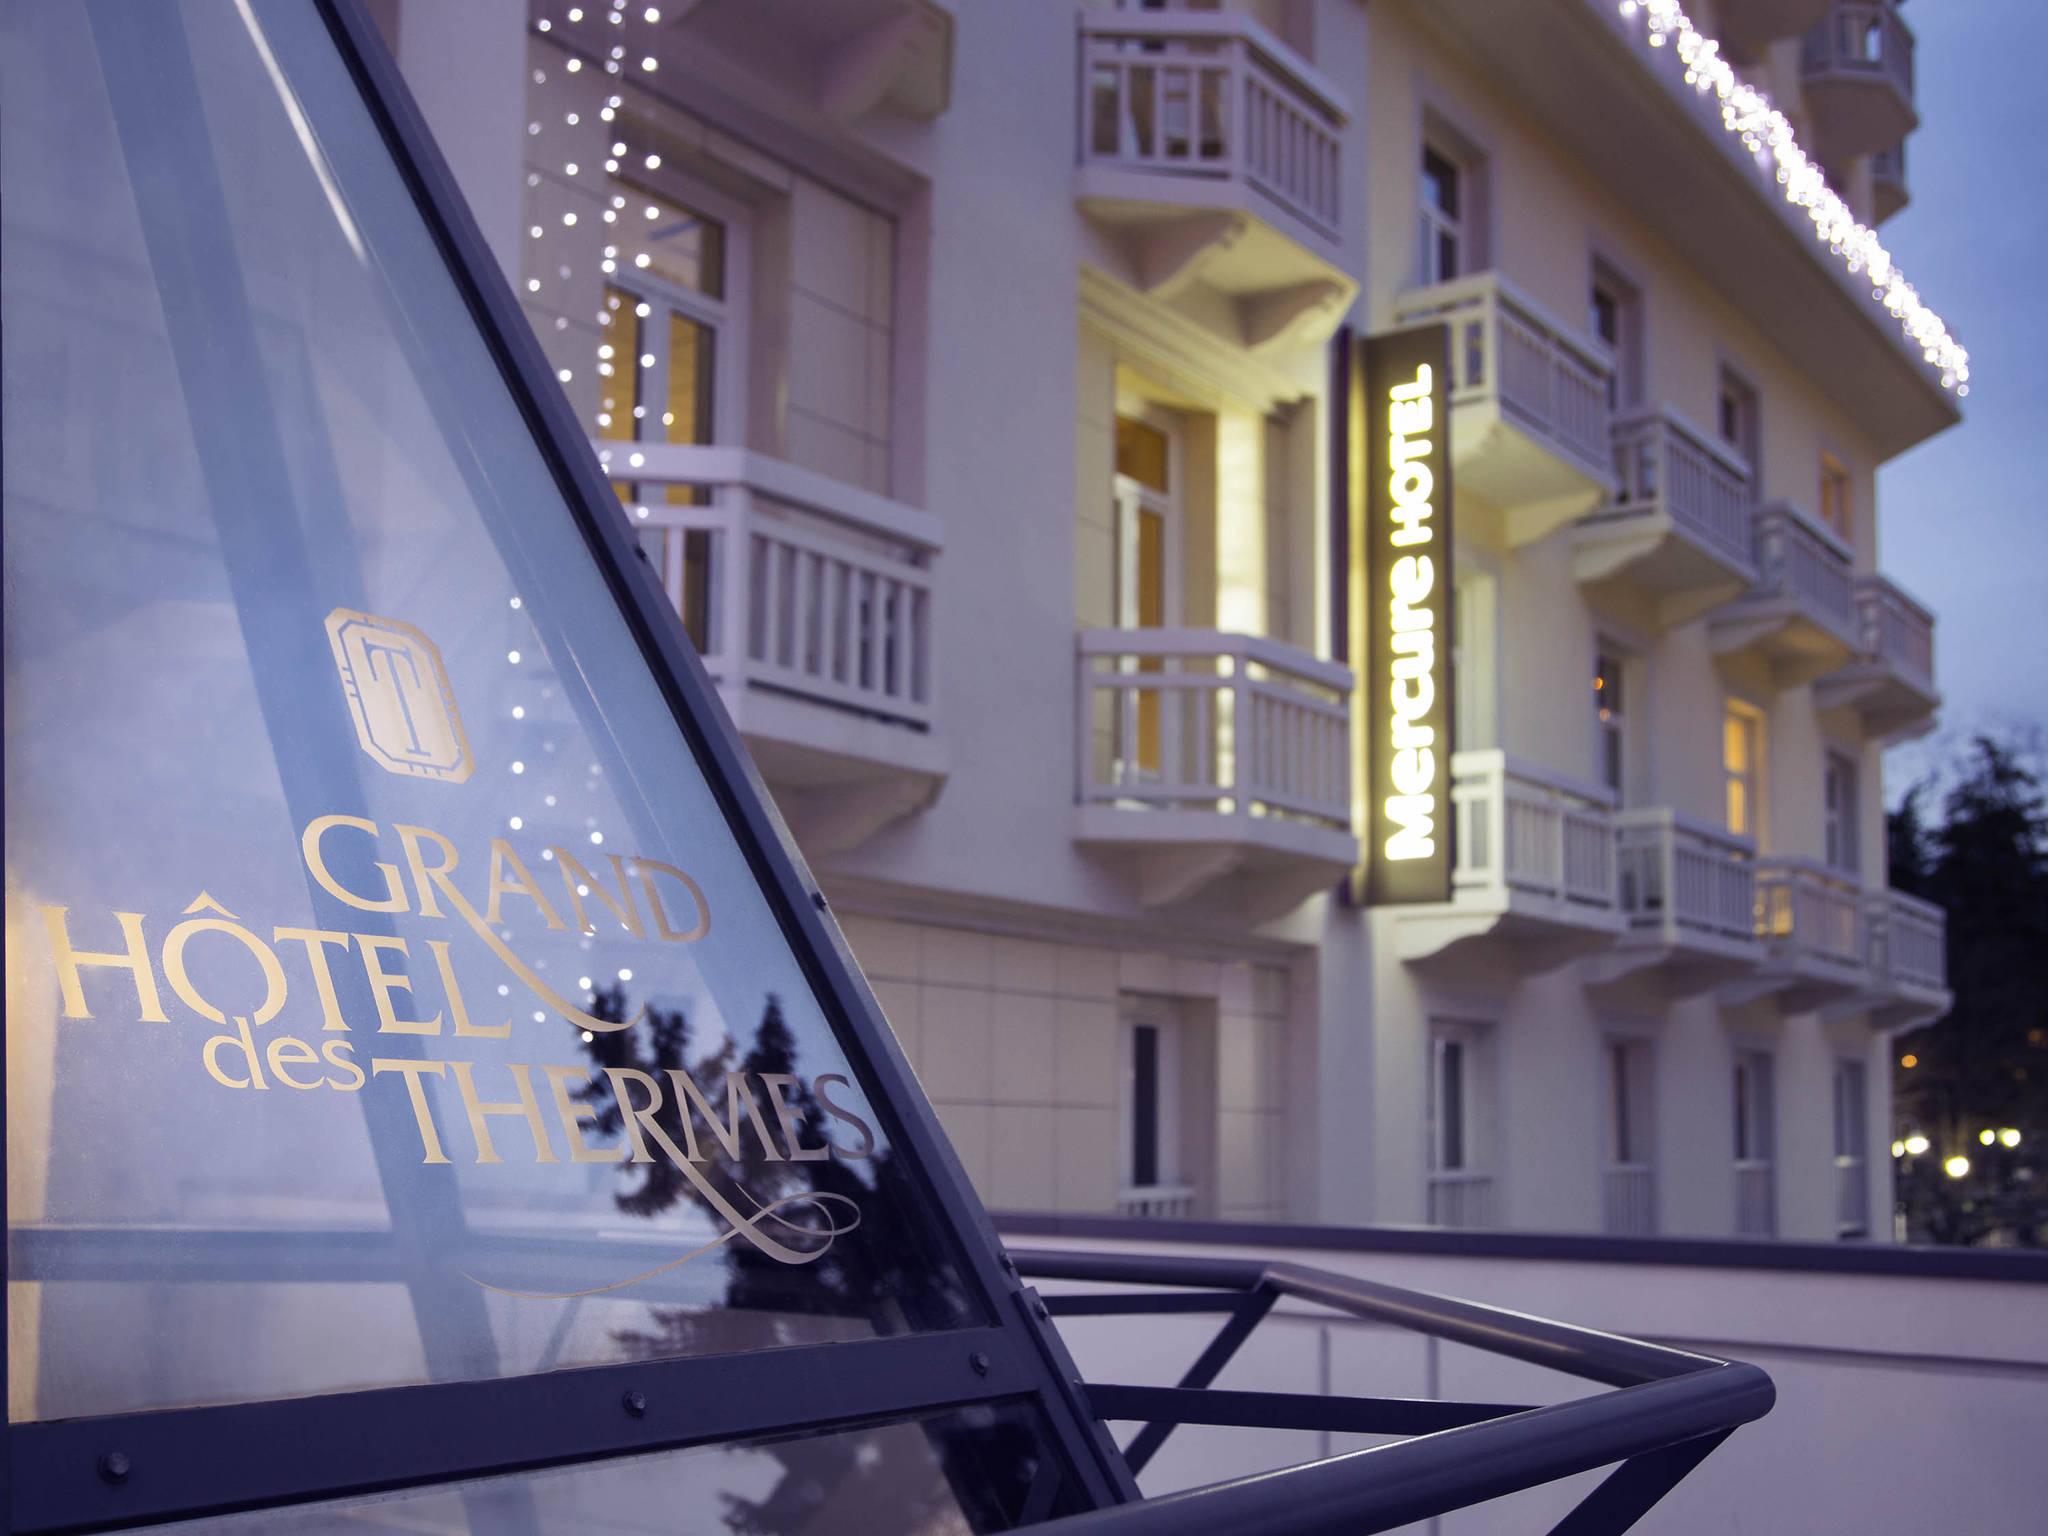 Hôtel - Hôtel Mercure Brides-les-Bains Grand Hôtel des Thermes